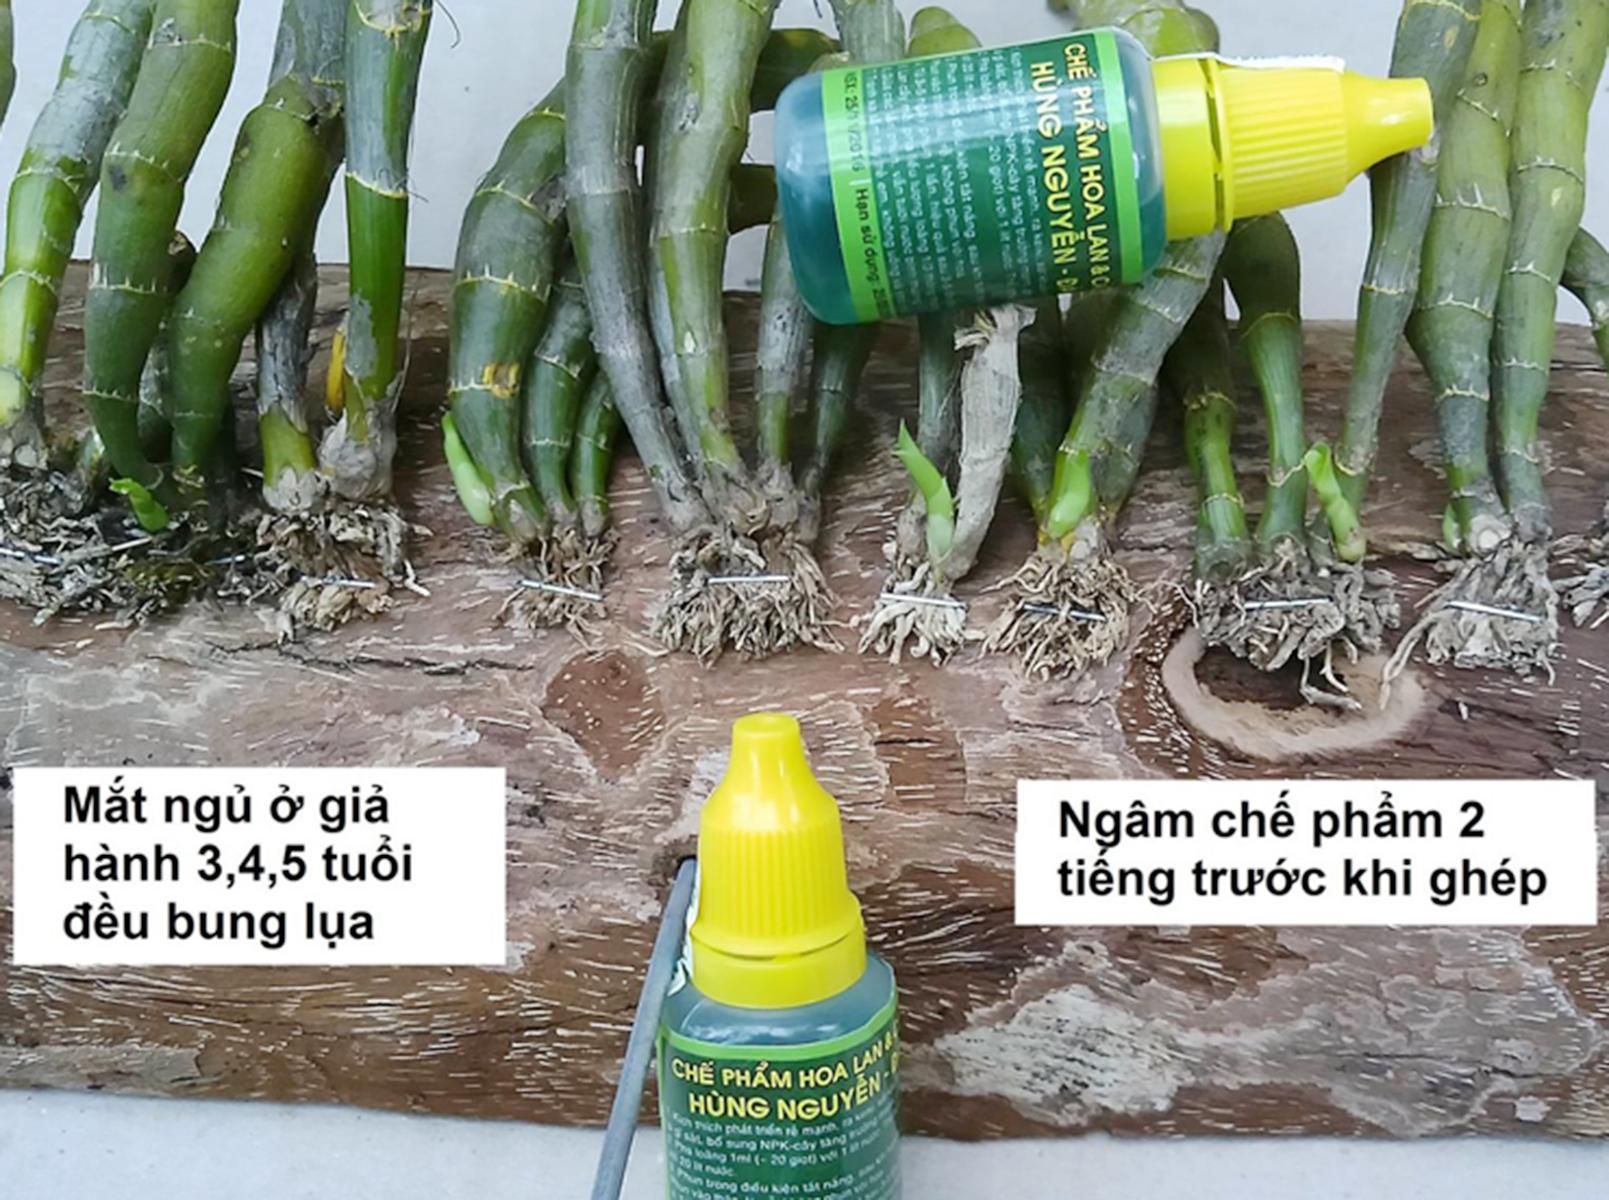 5 chai chế phẩm chăm sóc cây canh, phong lan Hùng Nguyễn-Đà Lat